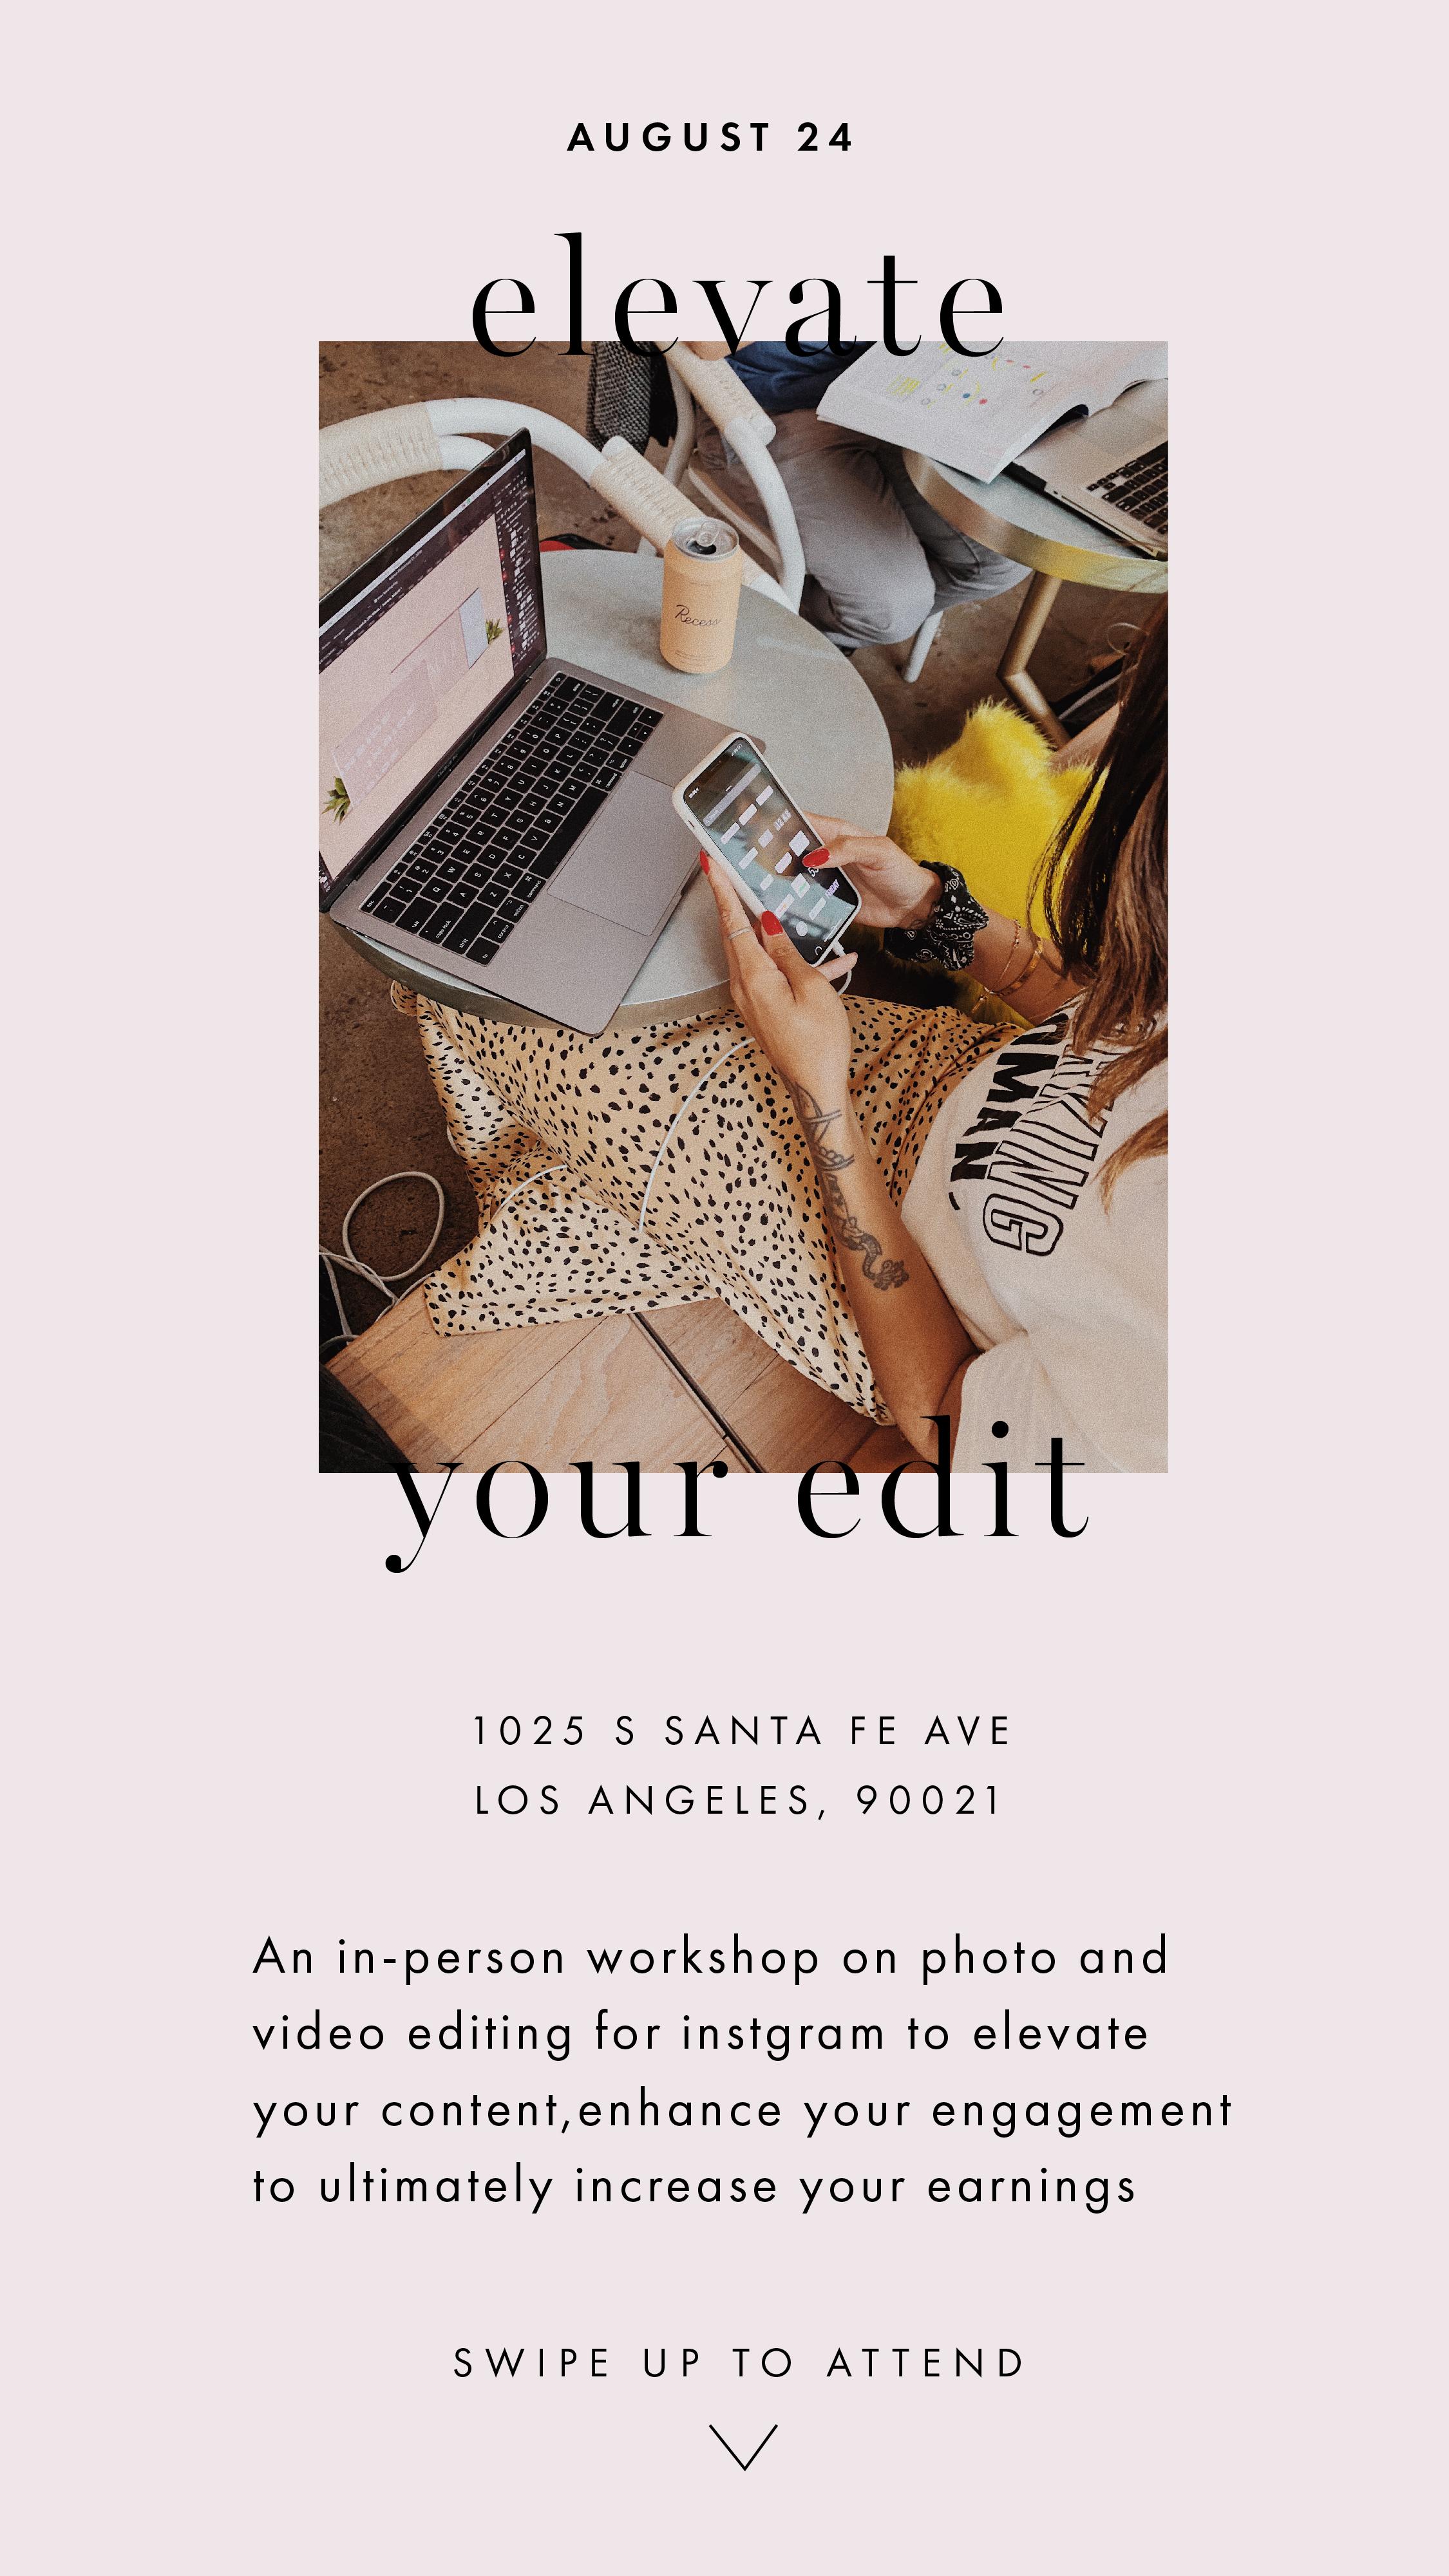 elevate your edit.jpg